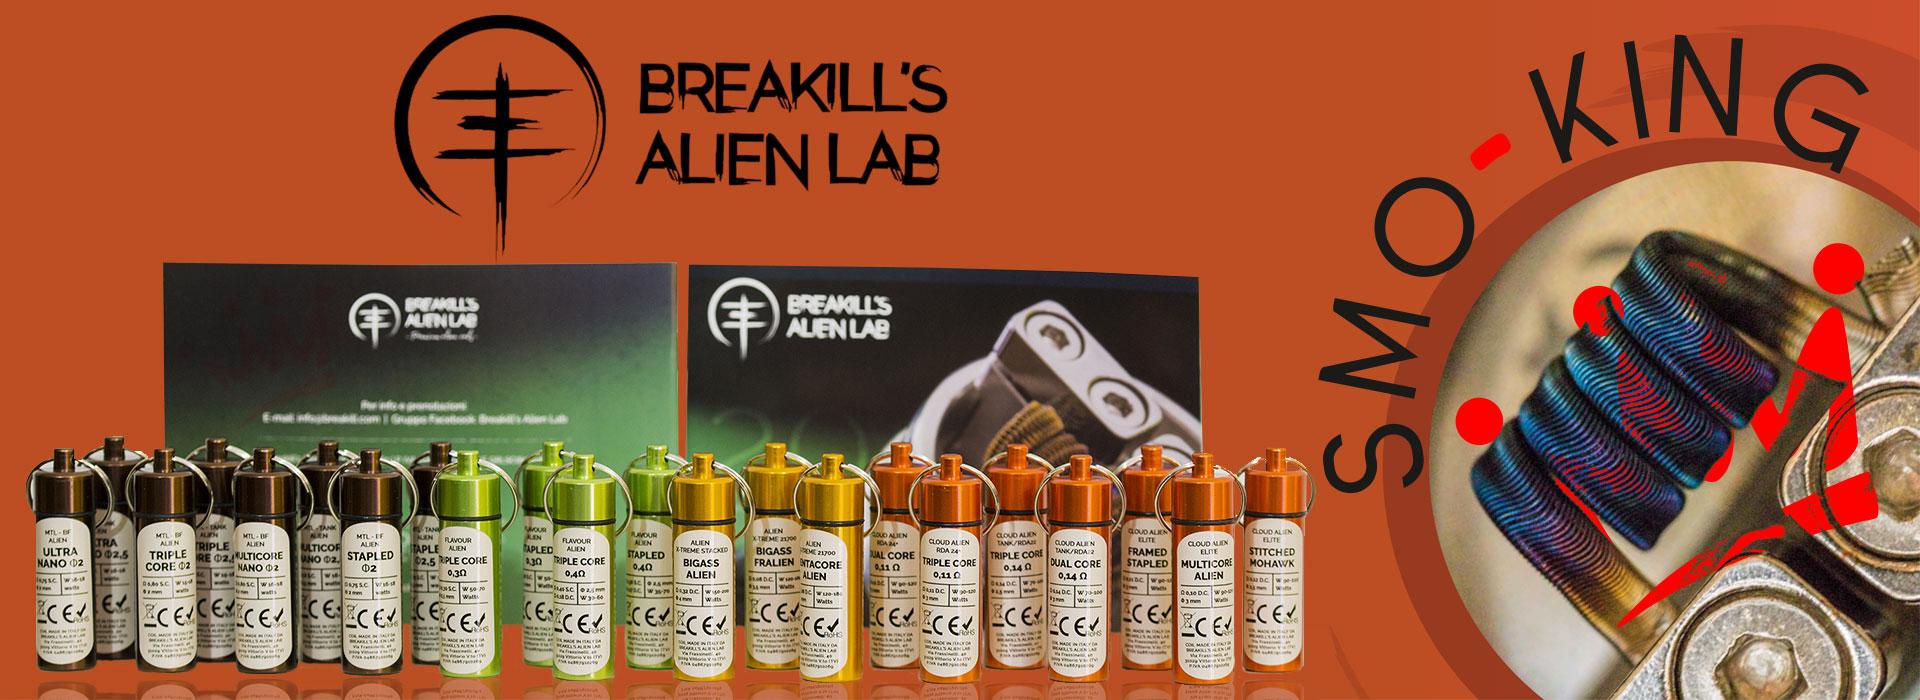 Breakill